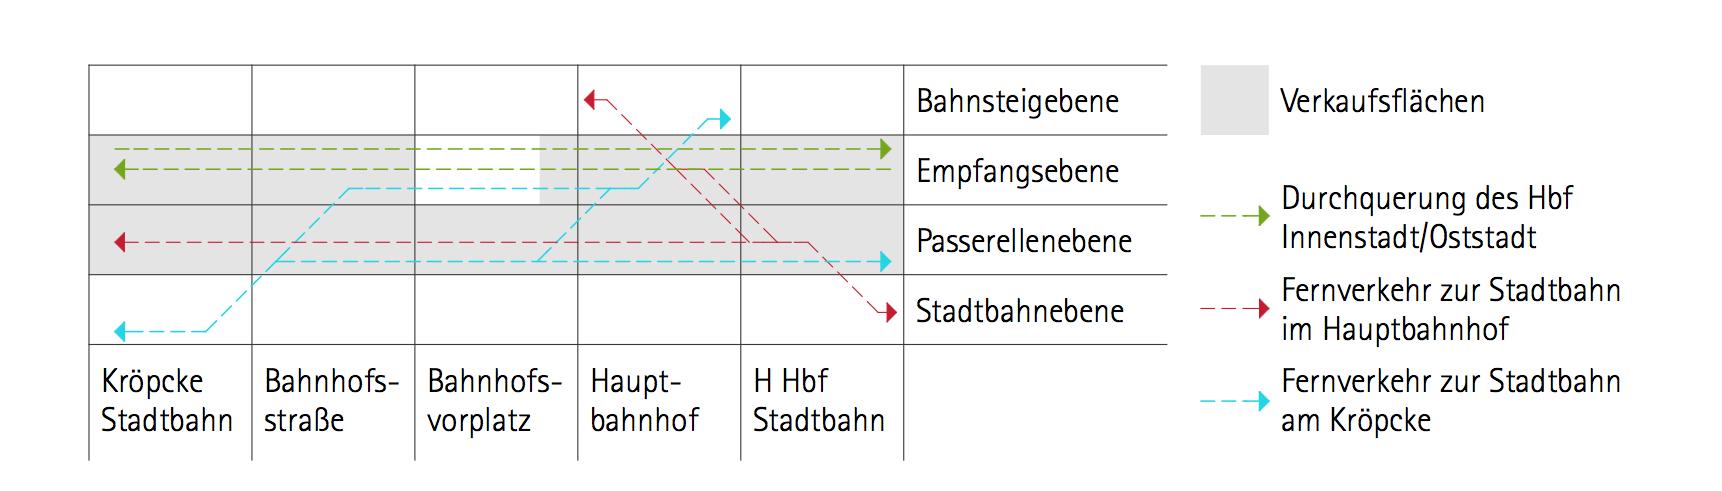 Diagramm zur Konsumstation mit Gleisanschluss am Hauptbahnhof Hannover